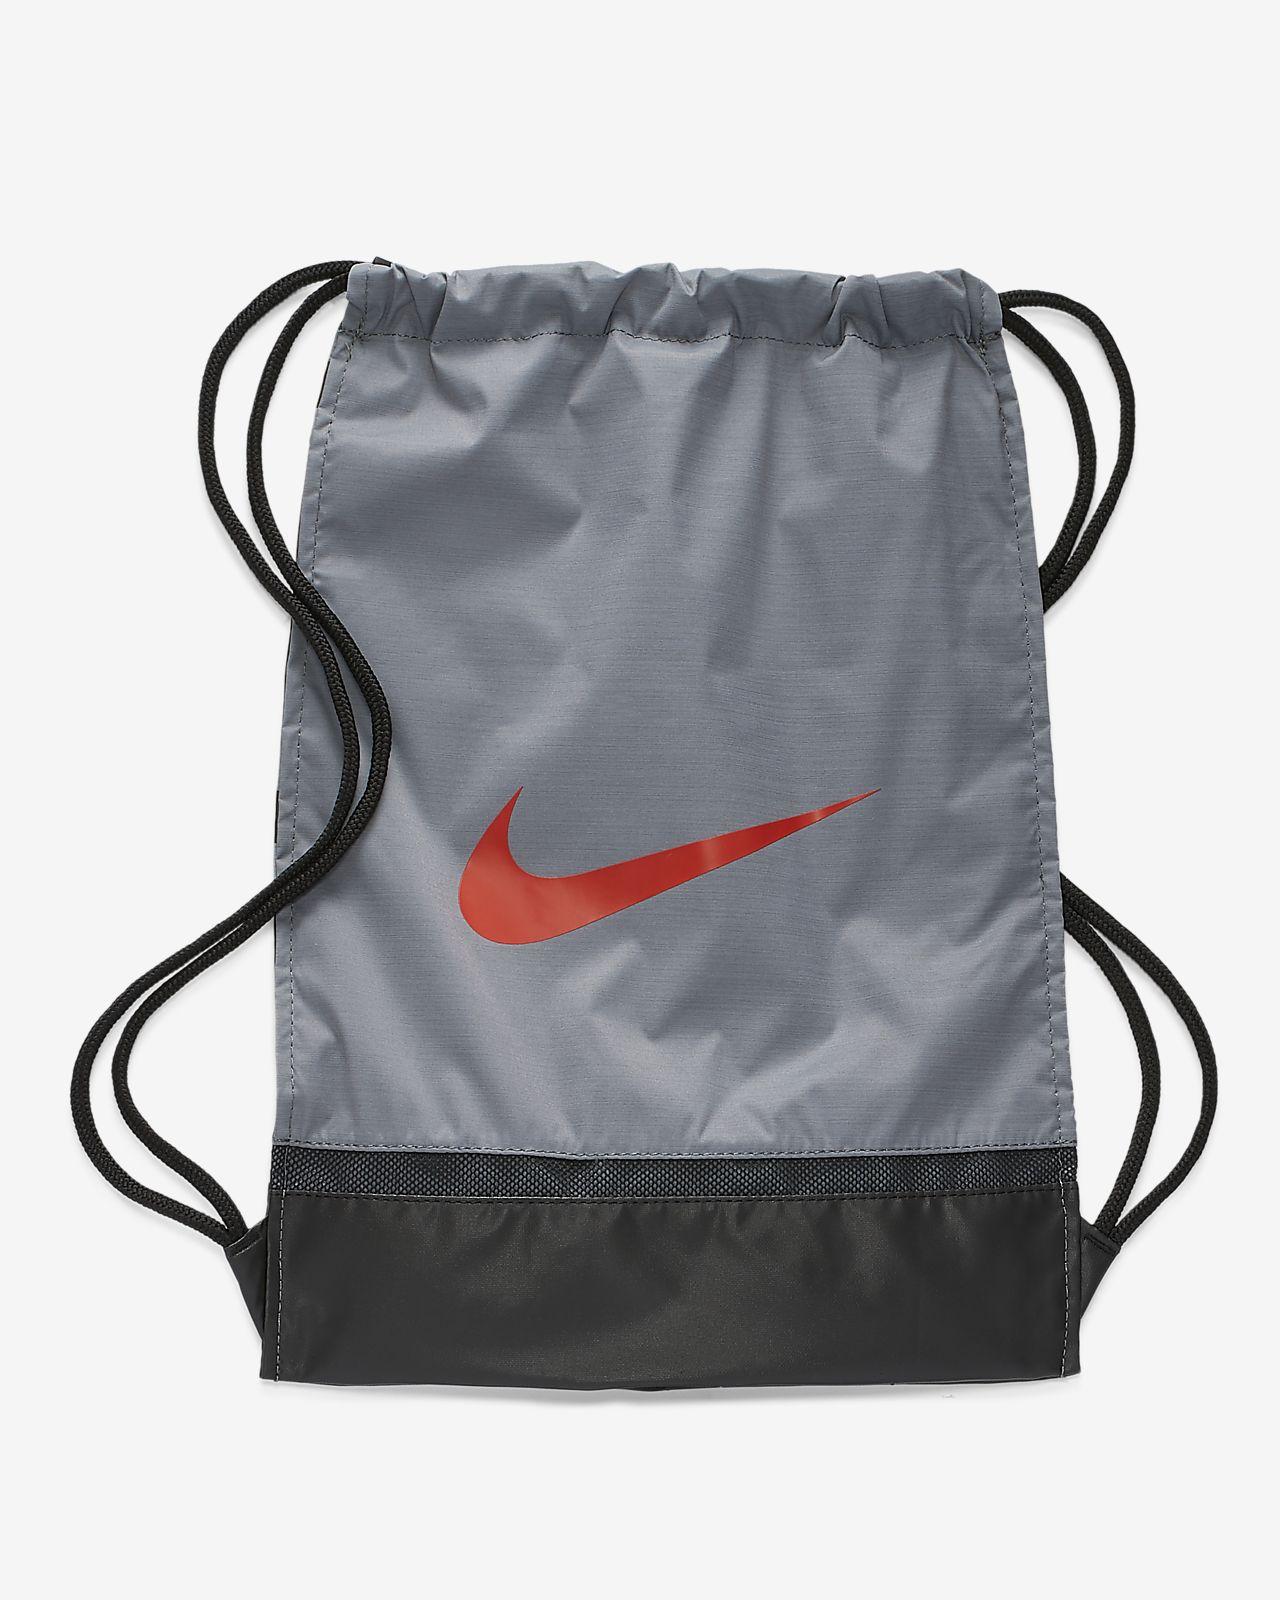 47820163eabc1 Nike Brasilia Training Gym Sack. Nike.com